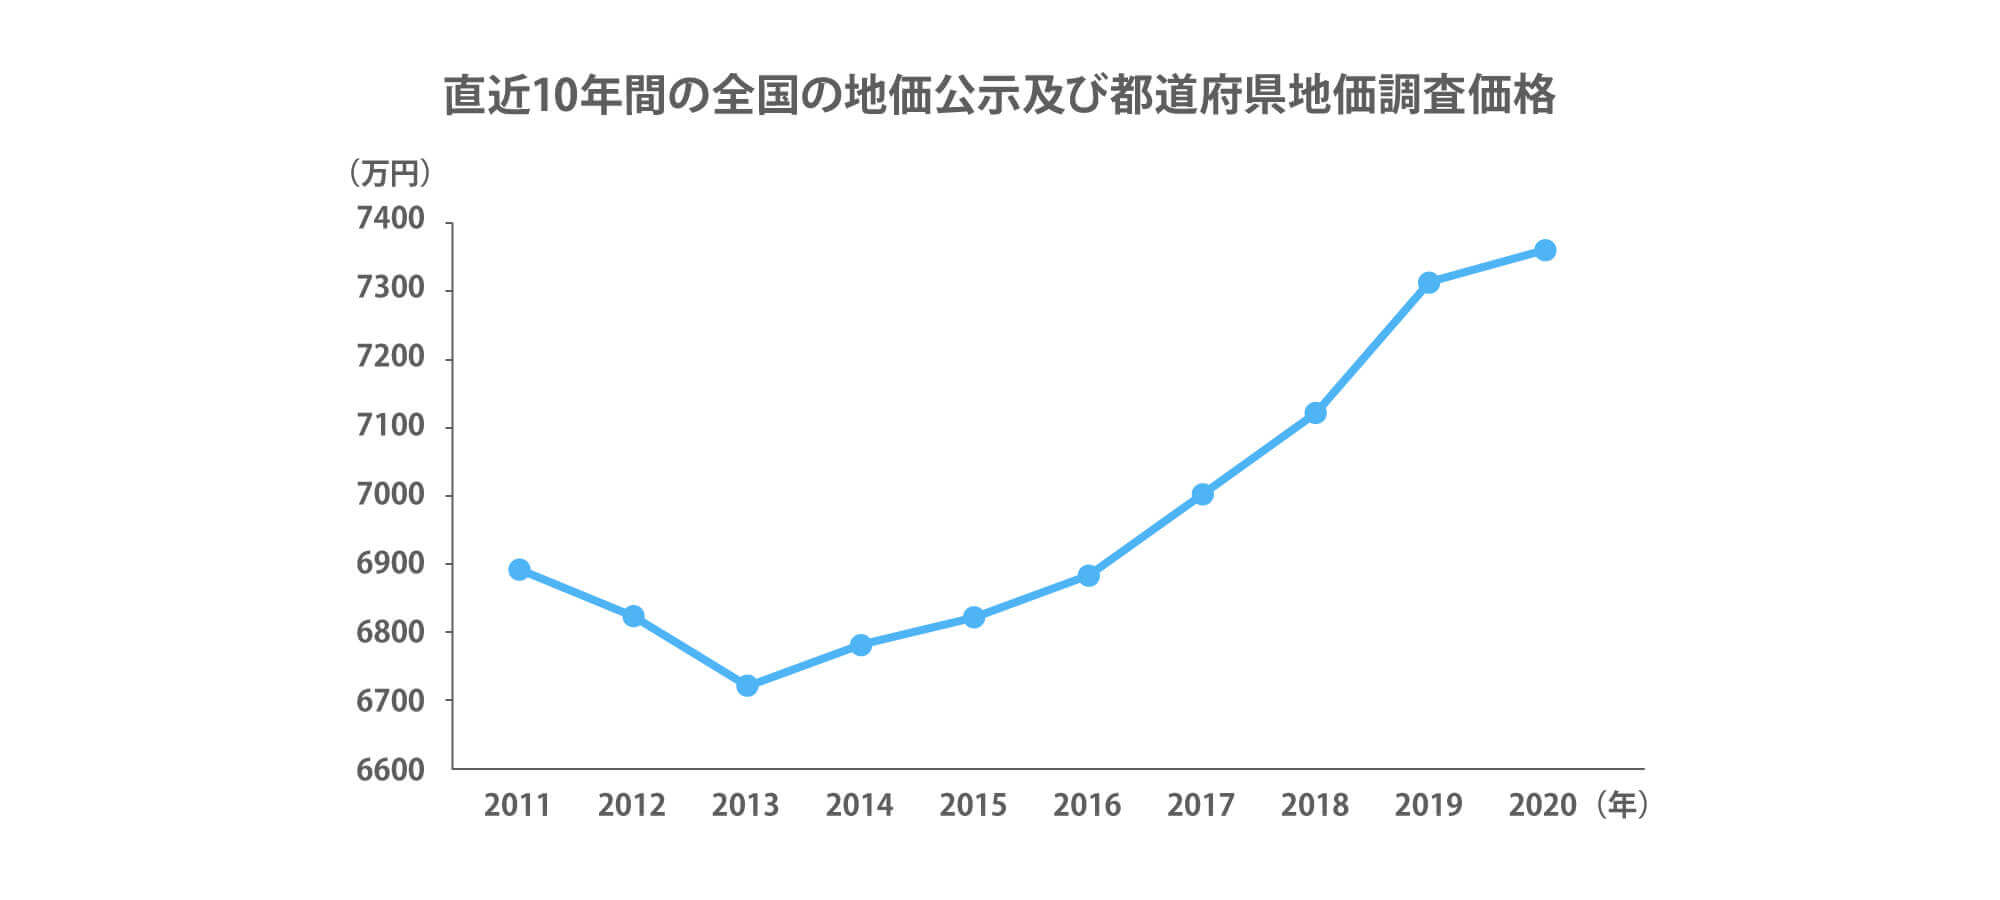 直近10年間の全国の地価公示及び都道府県地価調査価格